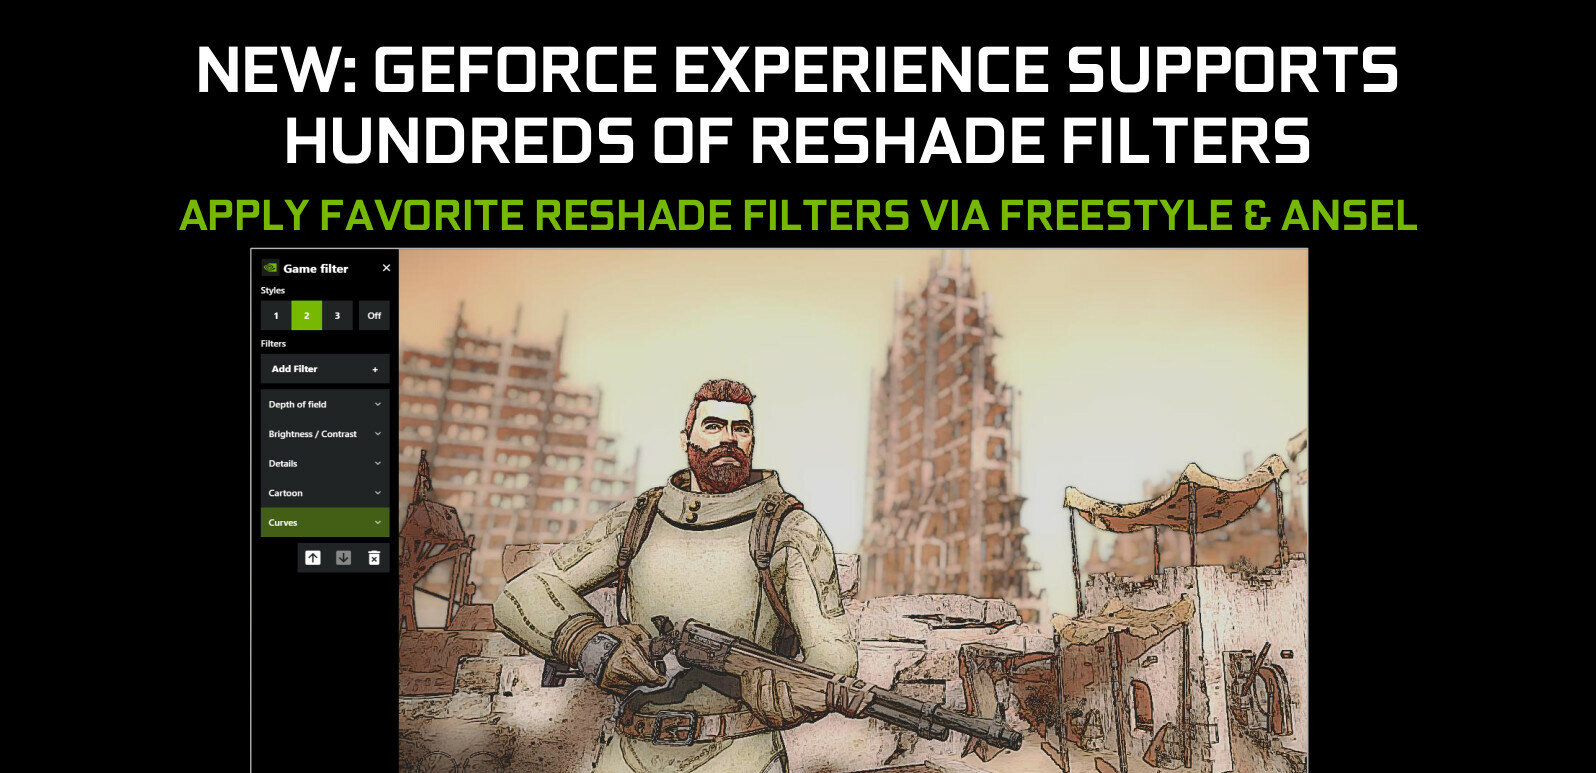 Filtres ReShade, basse latence, netteté de l'image : comment mieux profiter des derniers pilotes NVIDIA